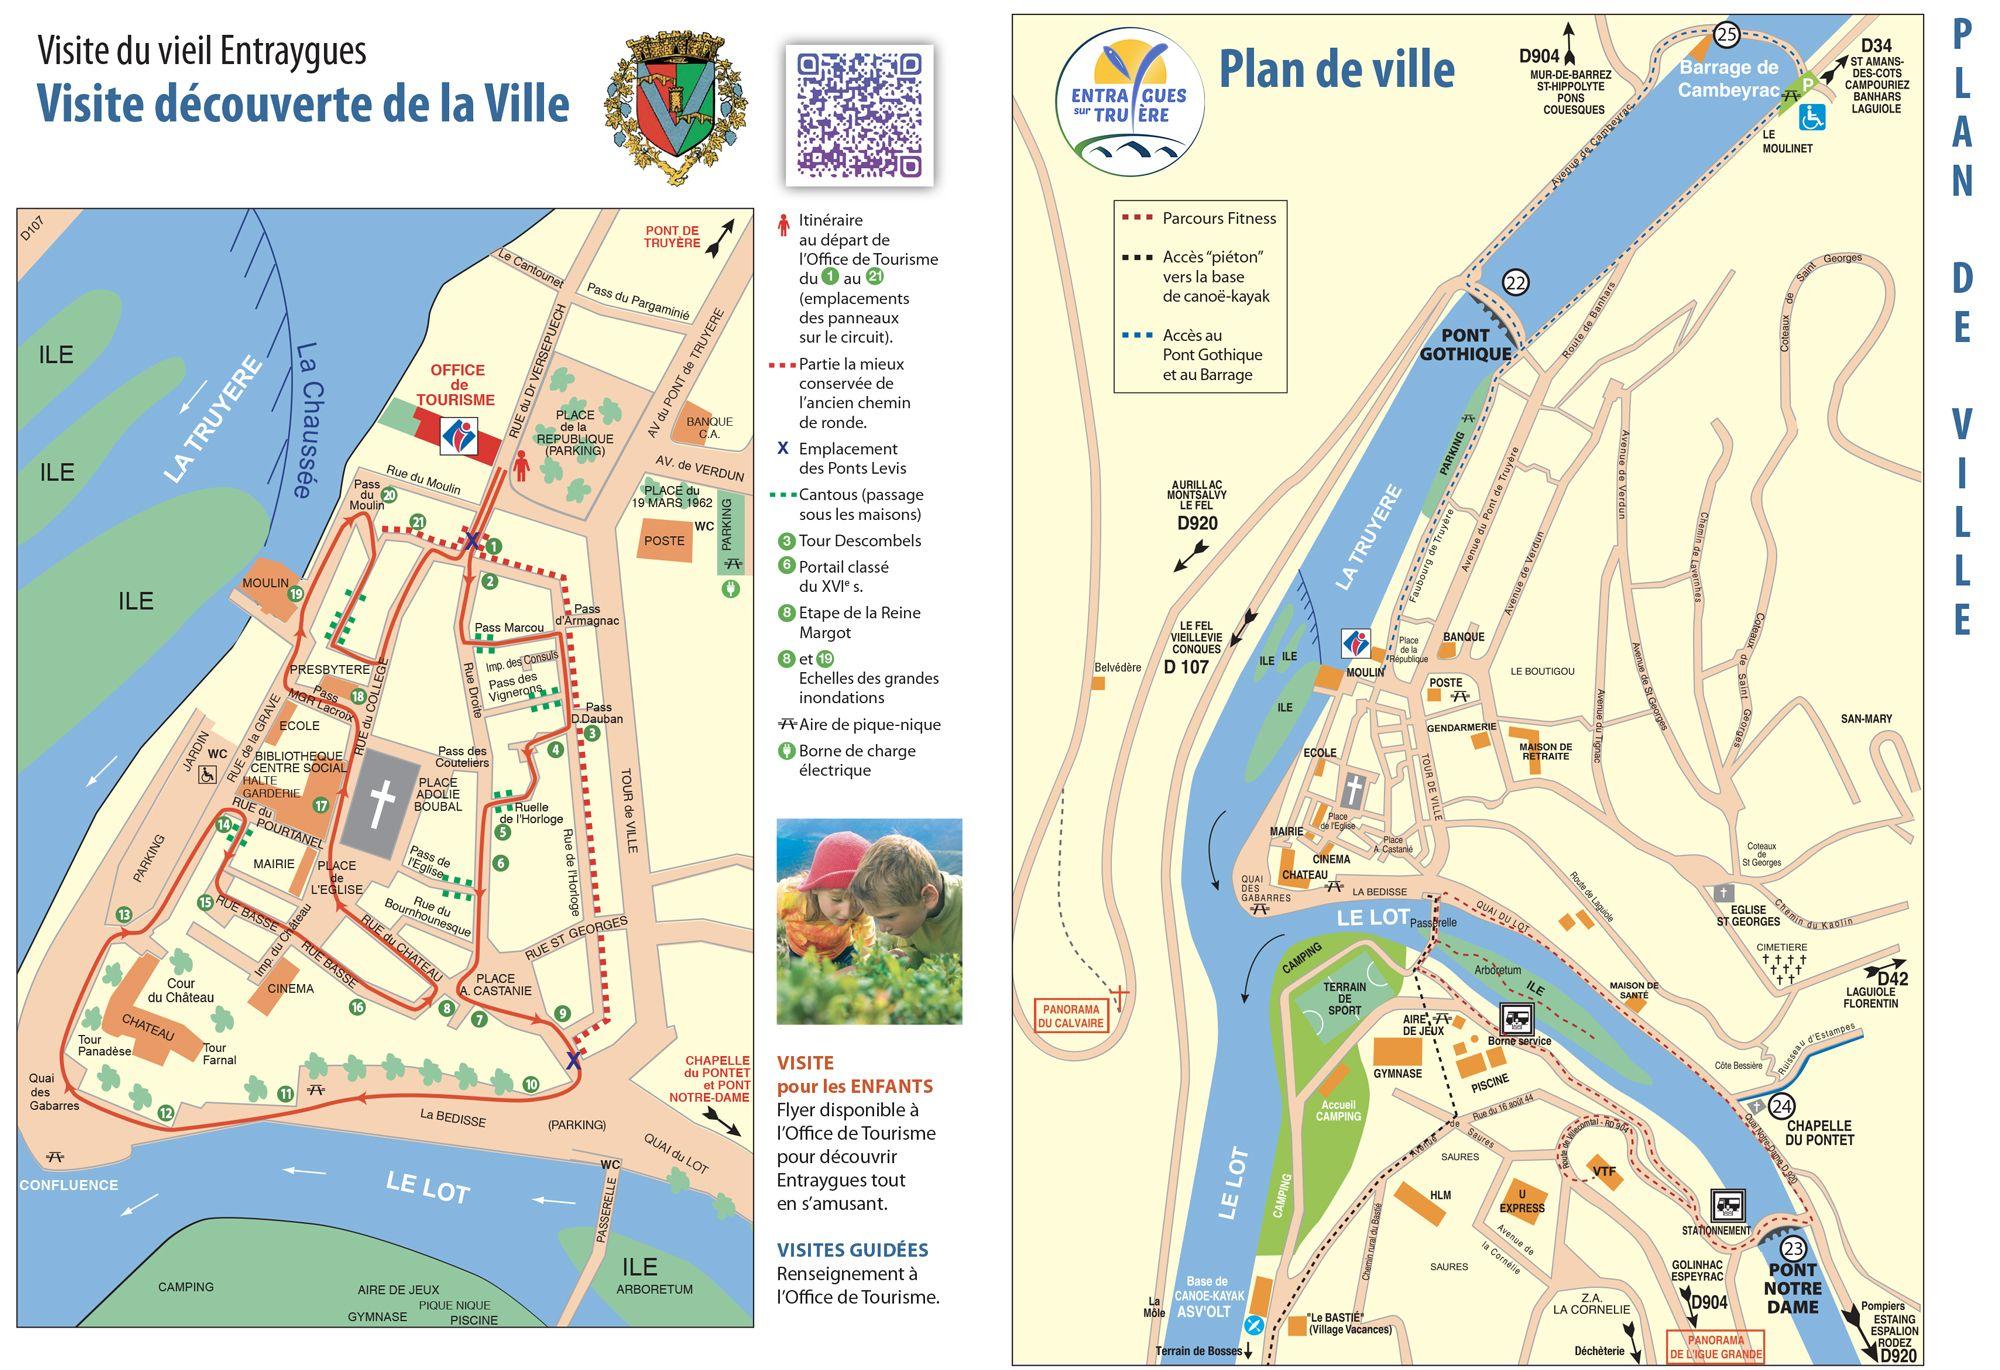 Téléchargez le Guide touristique d'entraygues